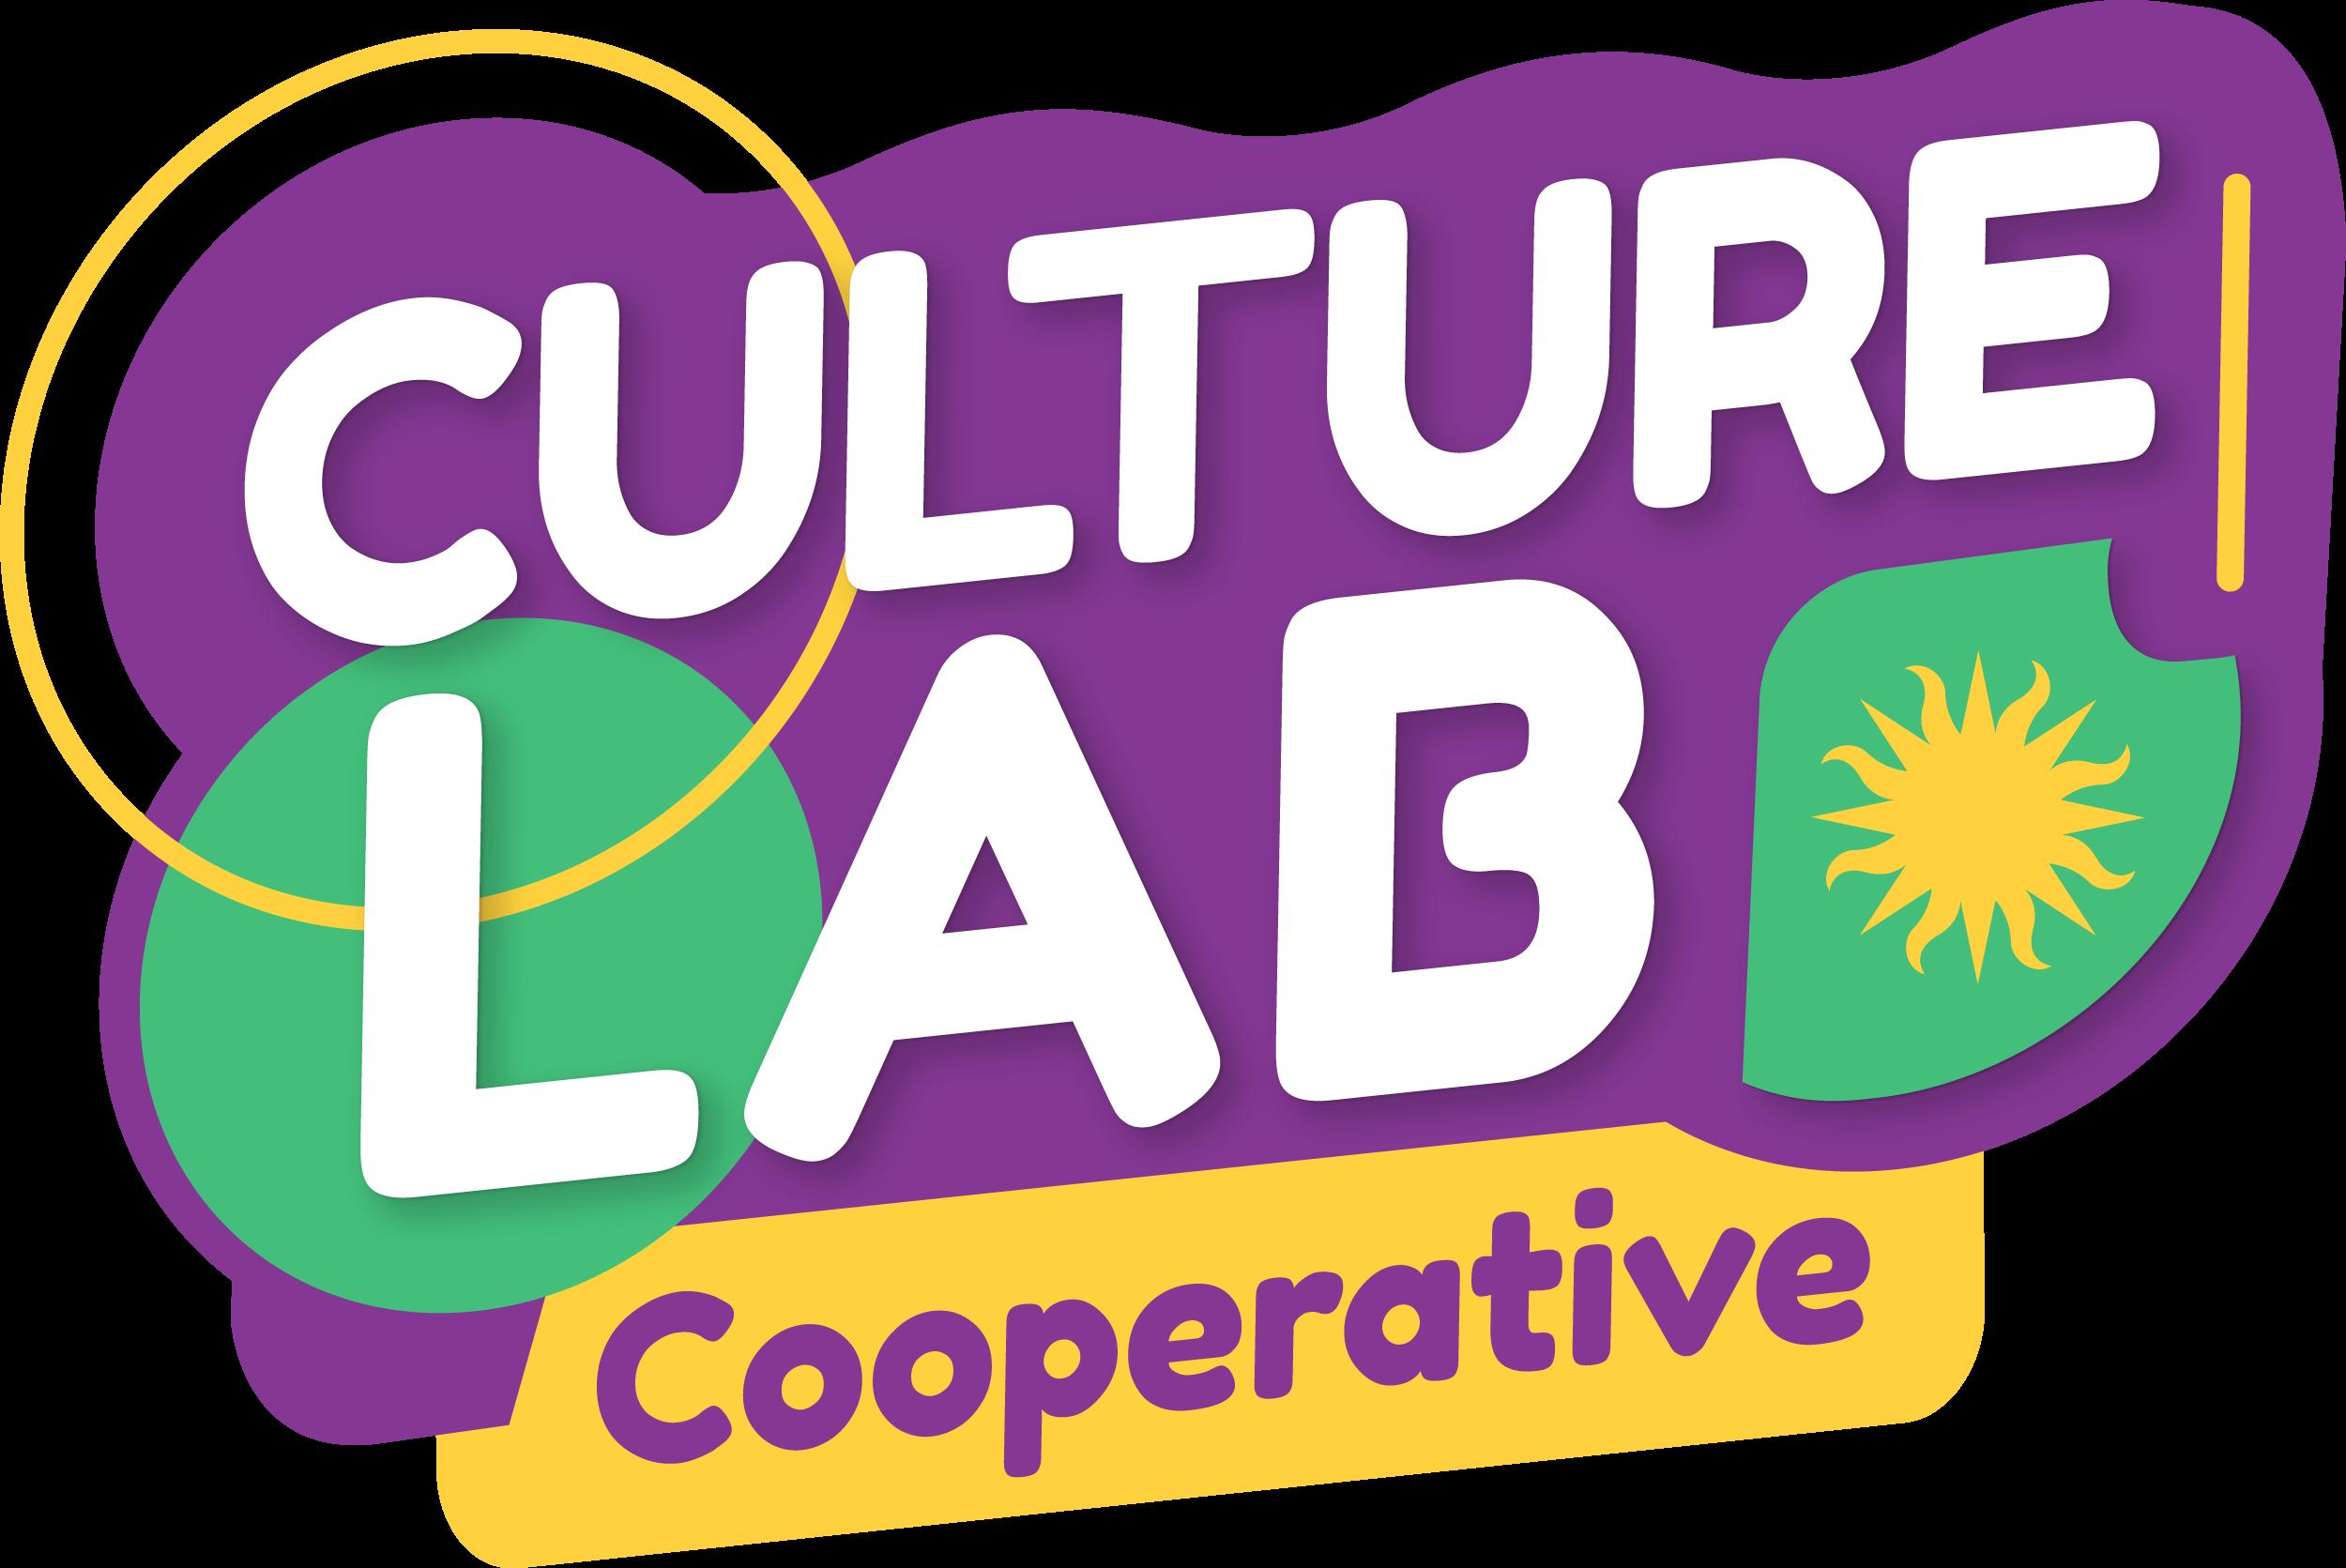 culture-lab-co-op-logo.png